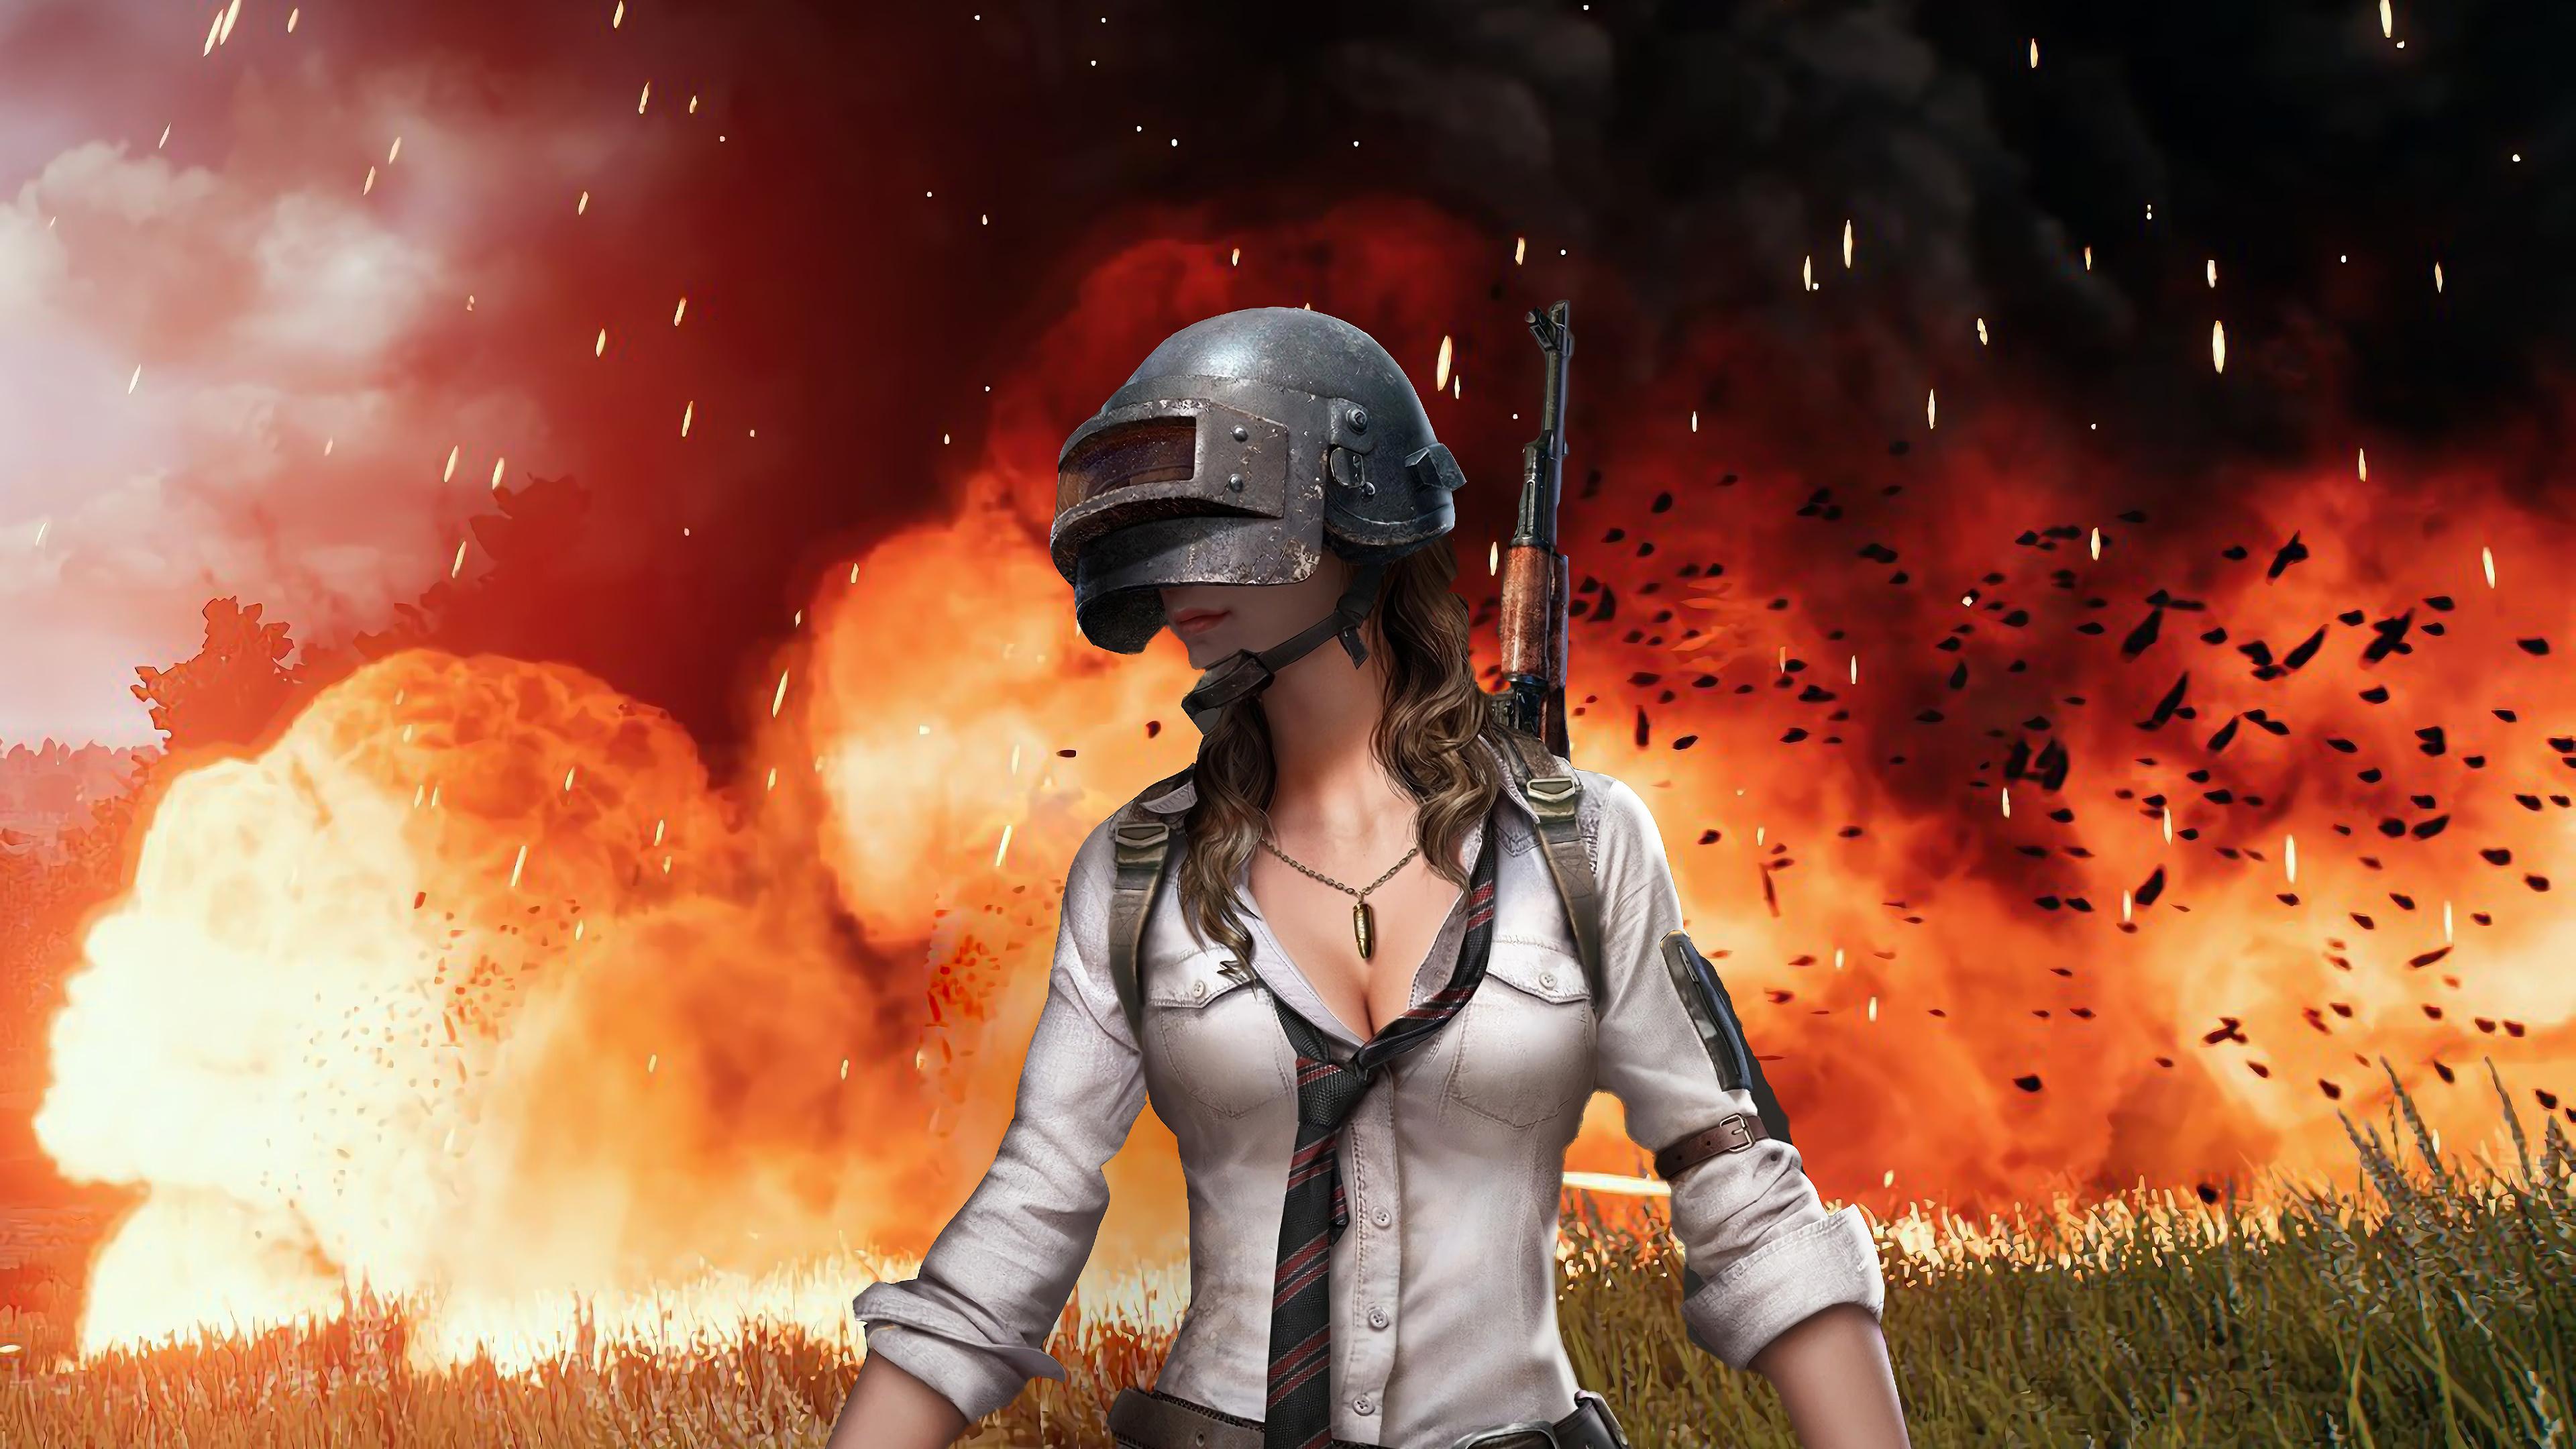 playerunknowns battlegrounds pubg wallpaper hd 4k